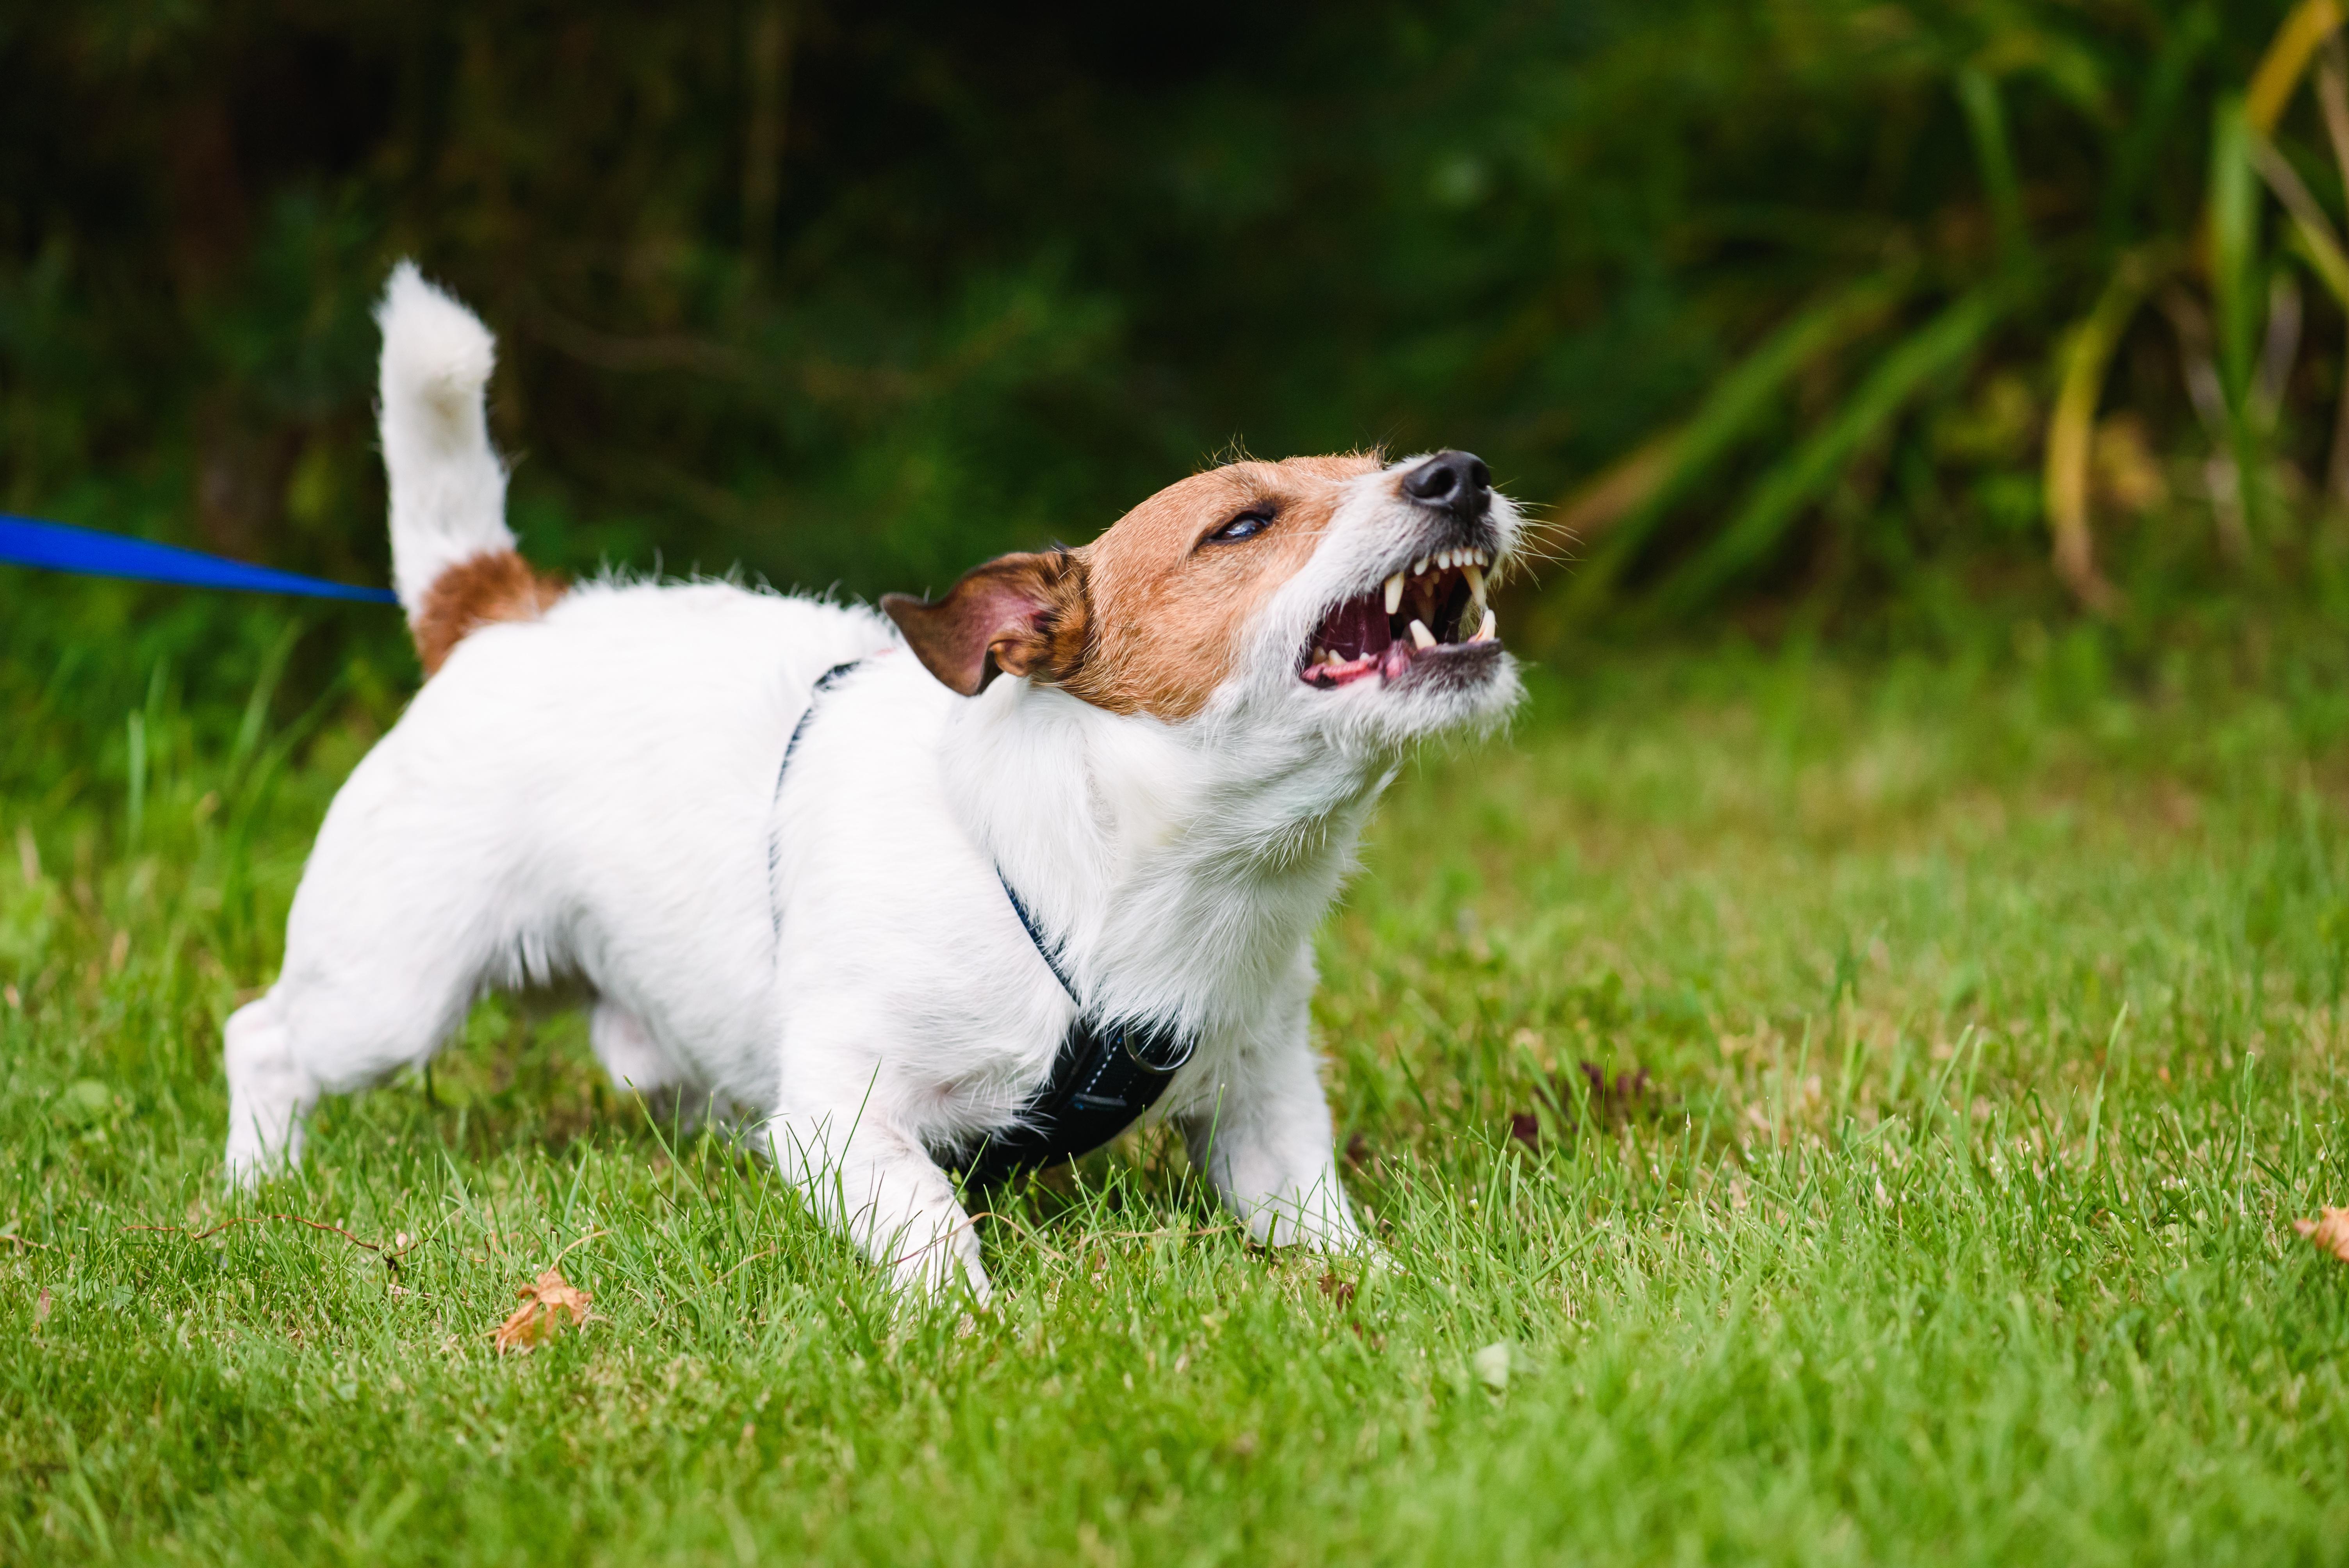 犬だけでなく、人や猫も感染する狂犬病ってどんな病気?感染するとどんな症状がでるの?